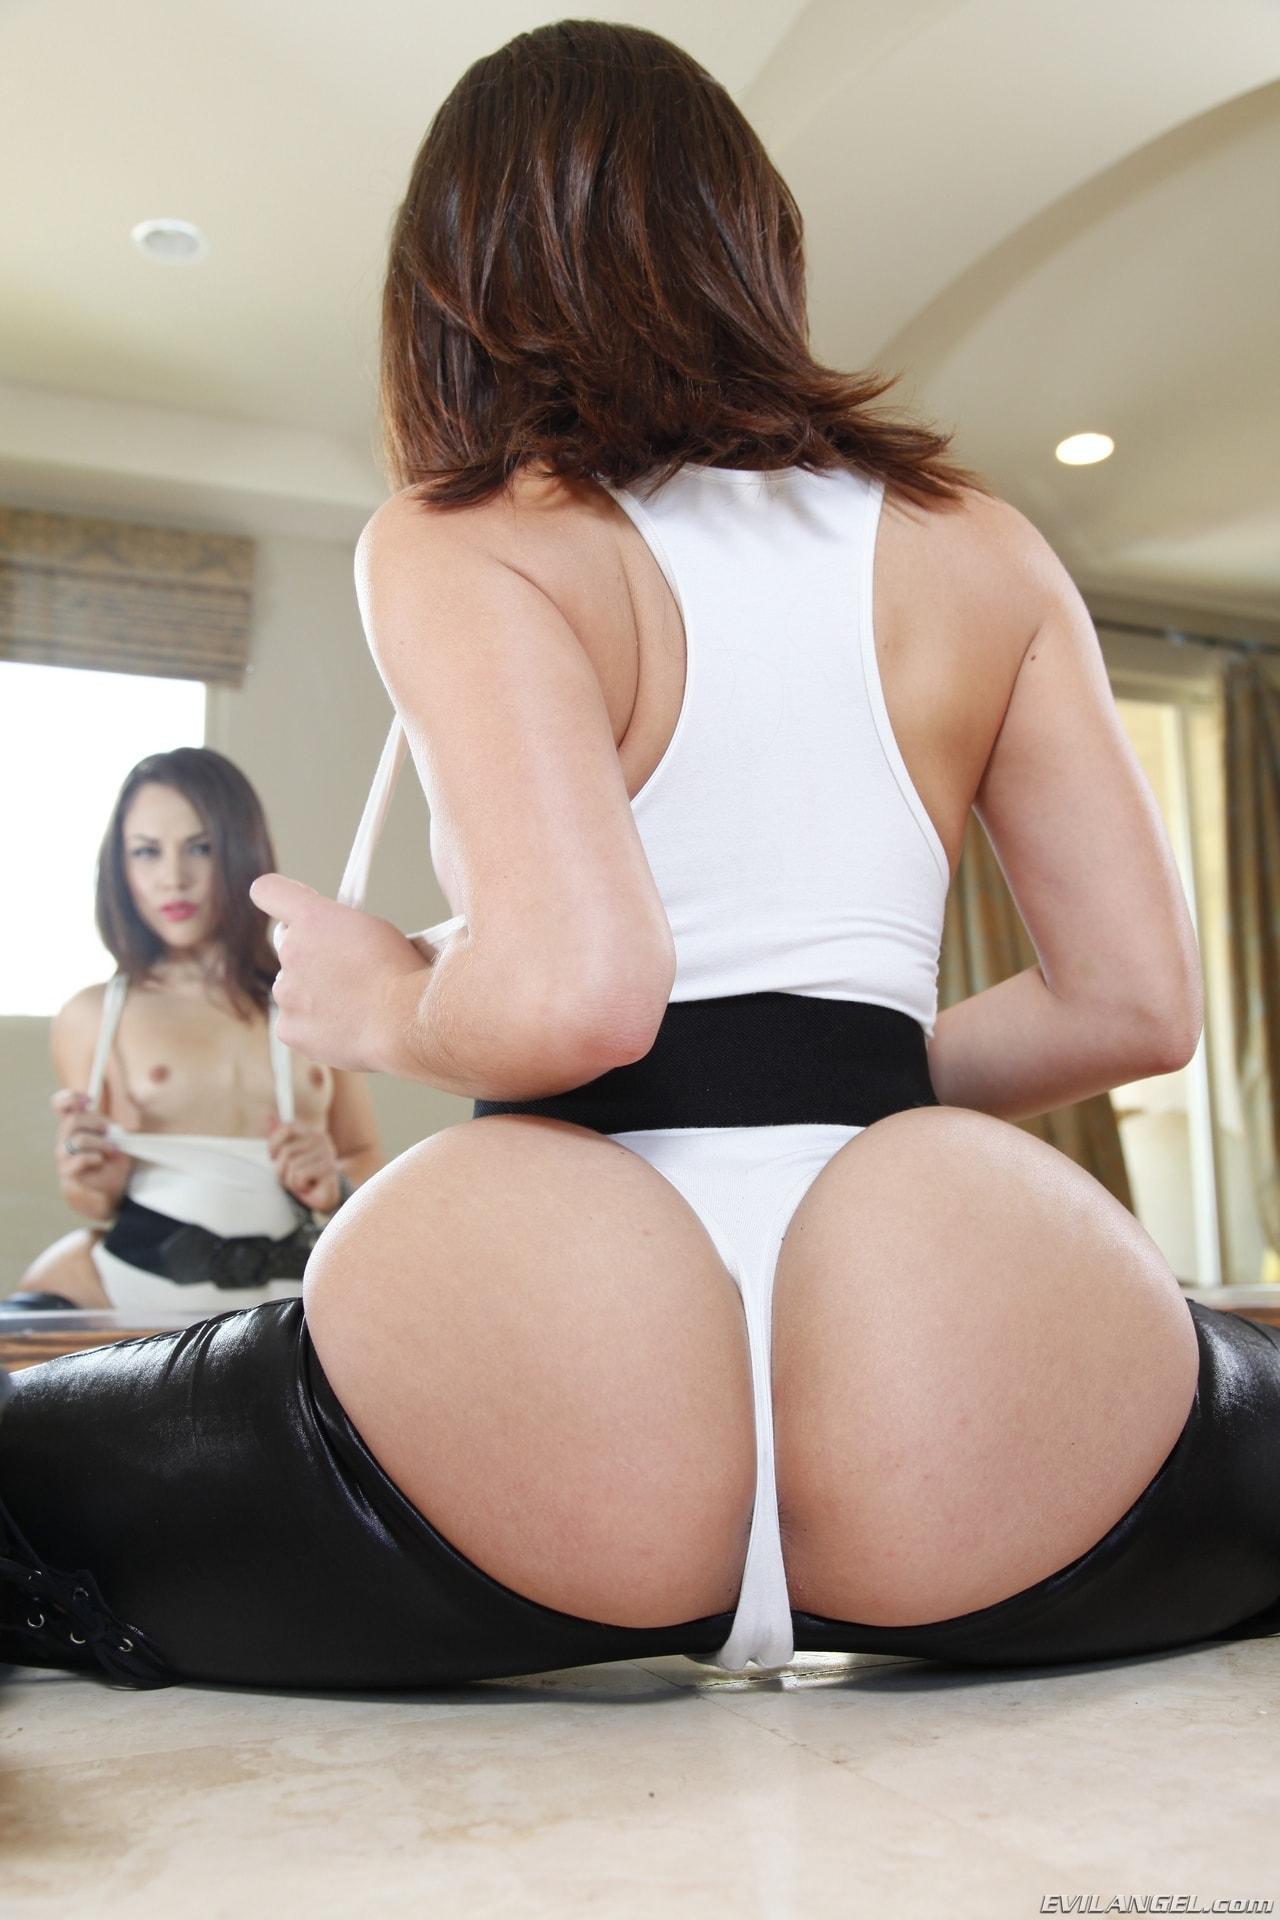 Phat butt girls, china teacher naked